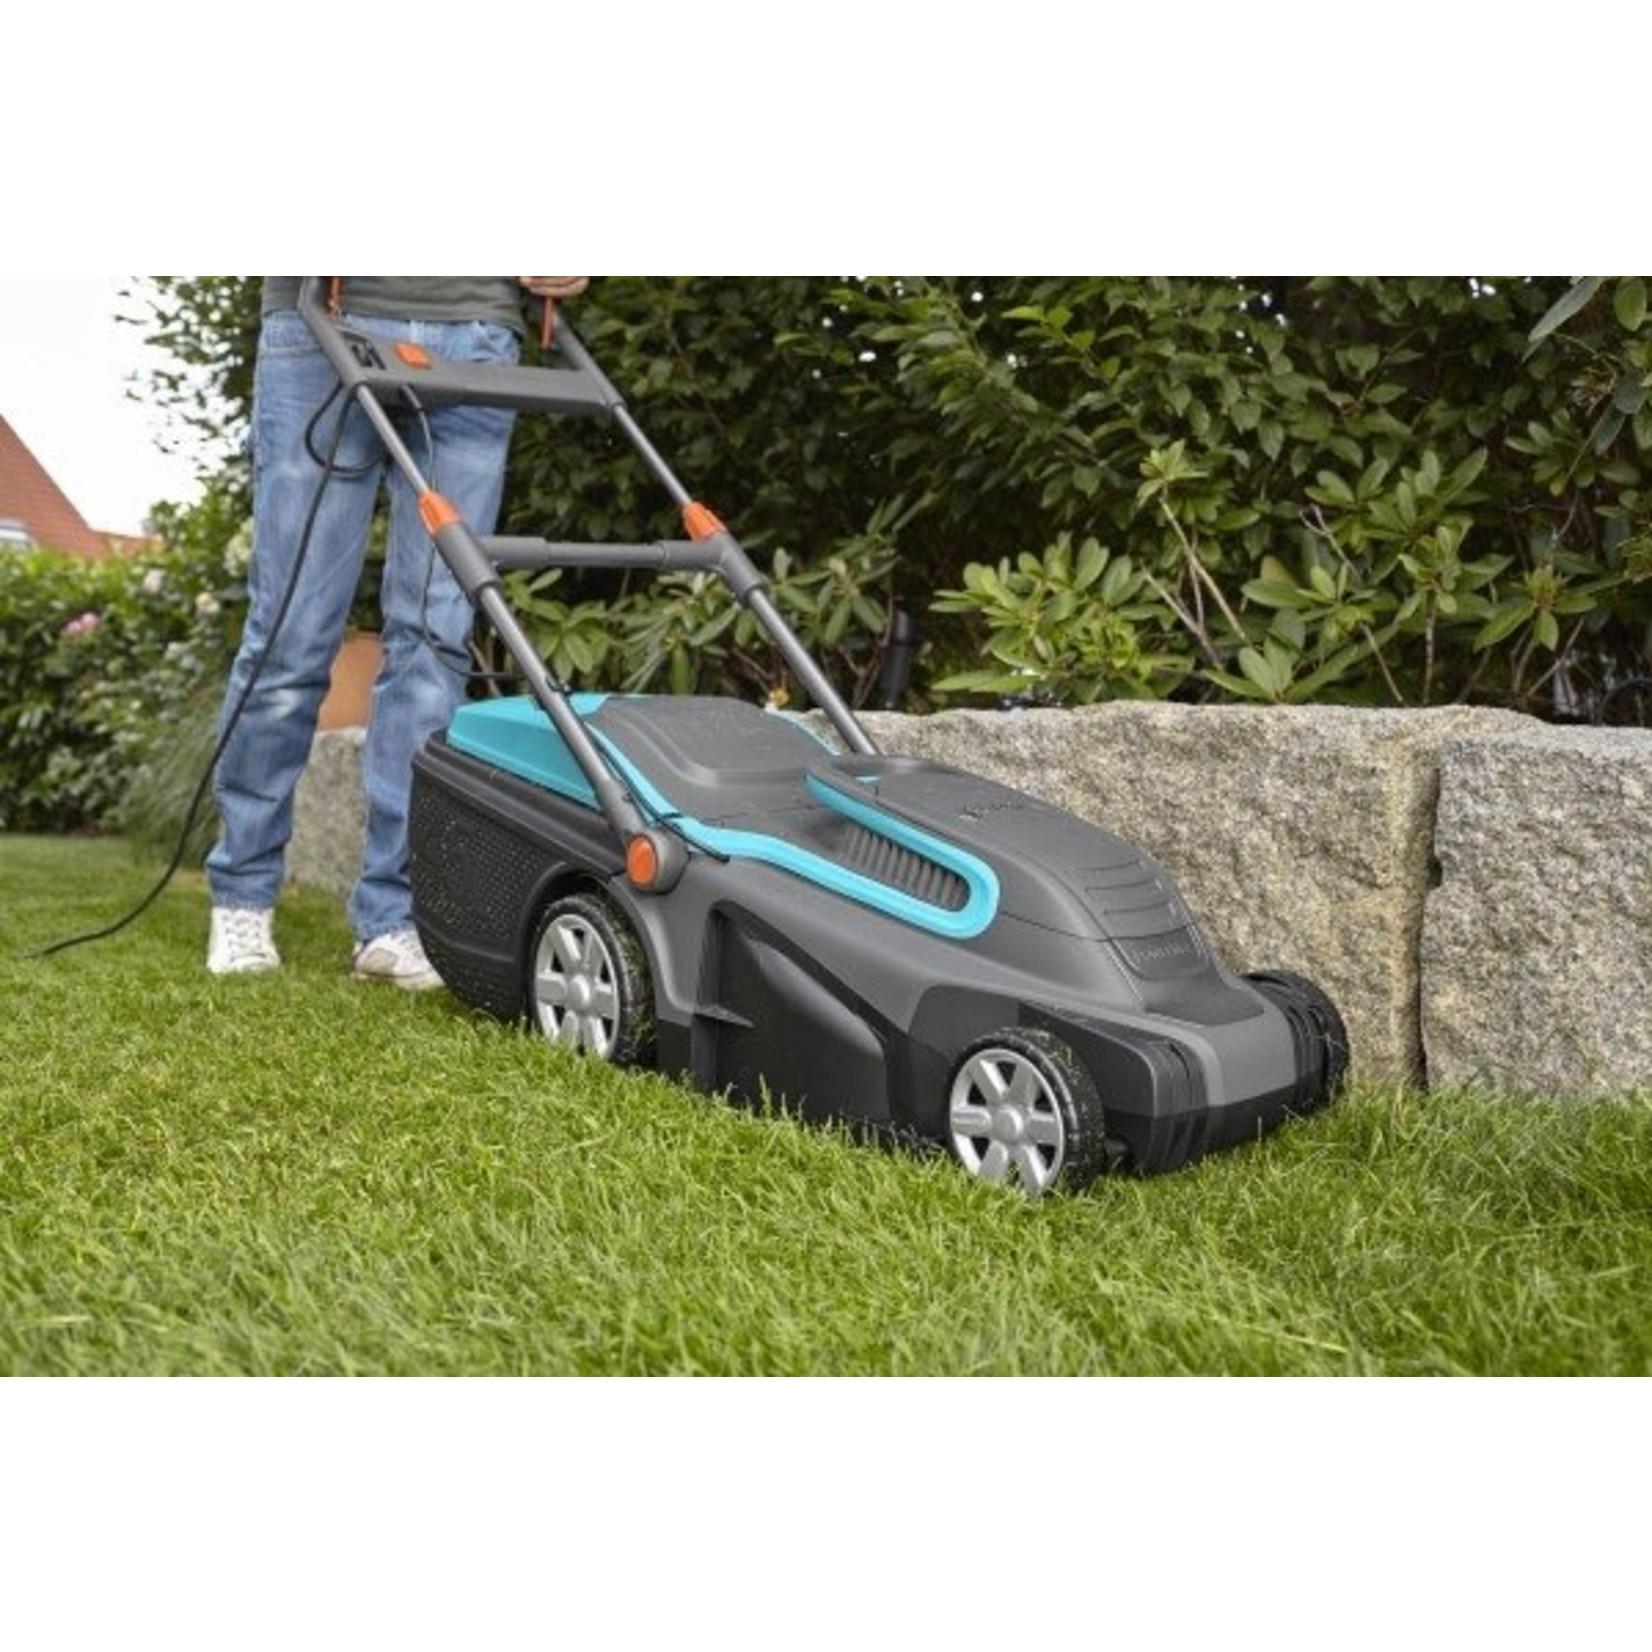 Gardena Gardena Elektrische grasmaaier powermax 37